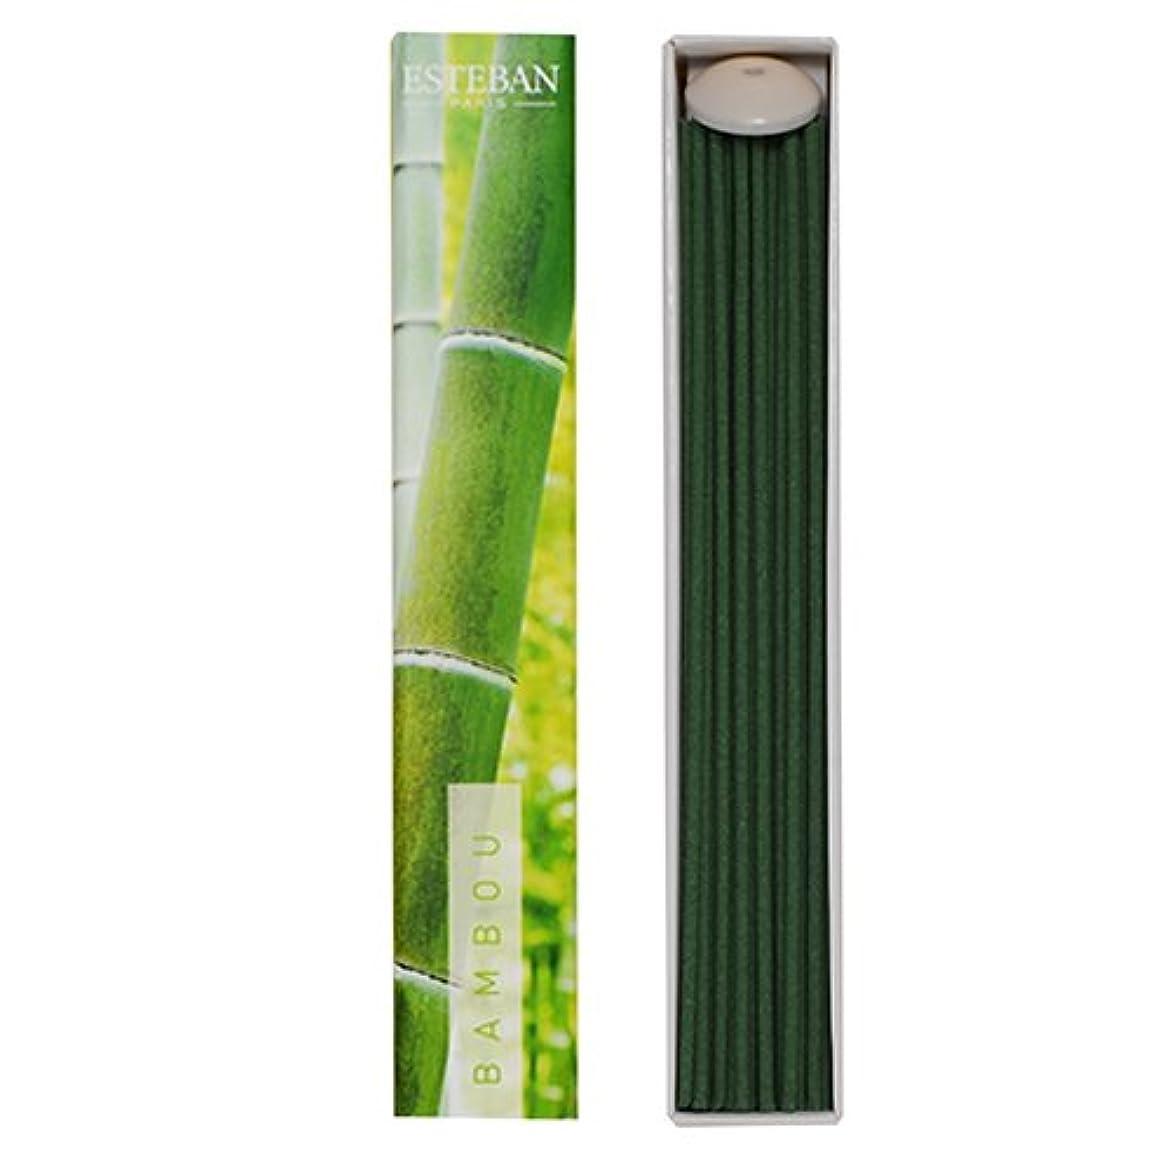 位置する眉をひそめる高価なエステバンのお香 エスプリドナチュール バンブー(竹)スティック